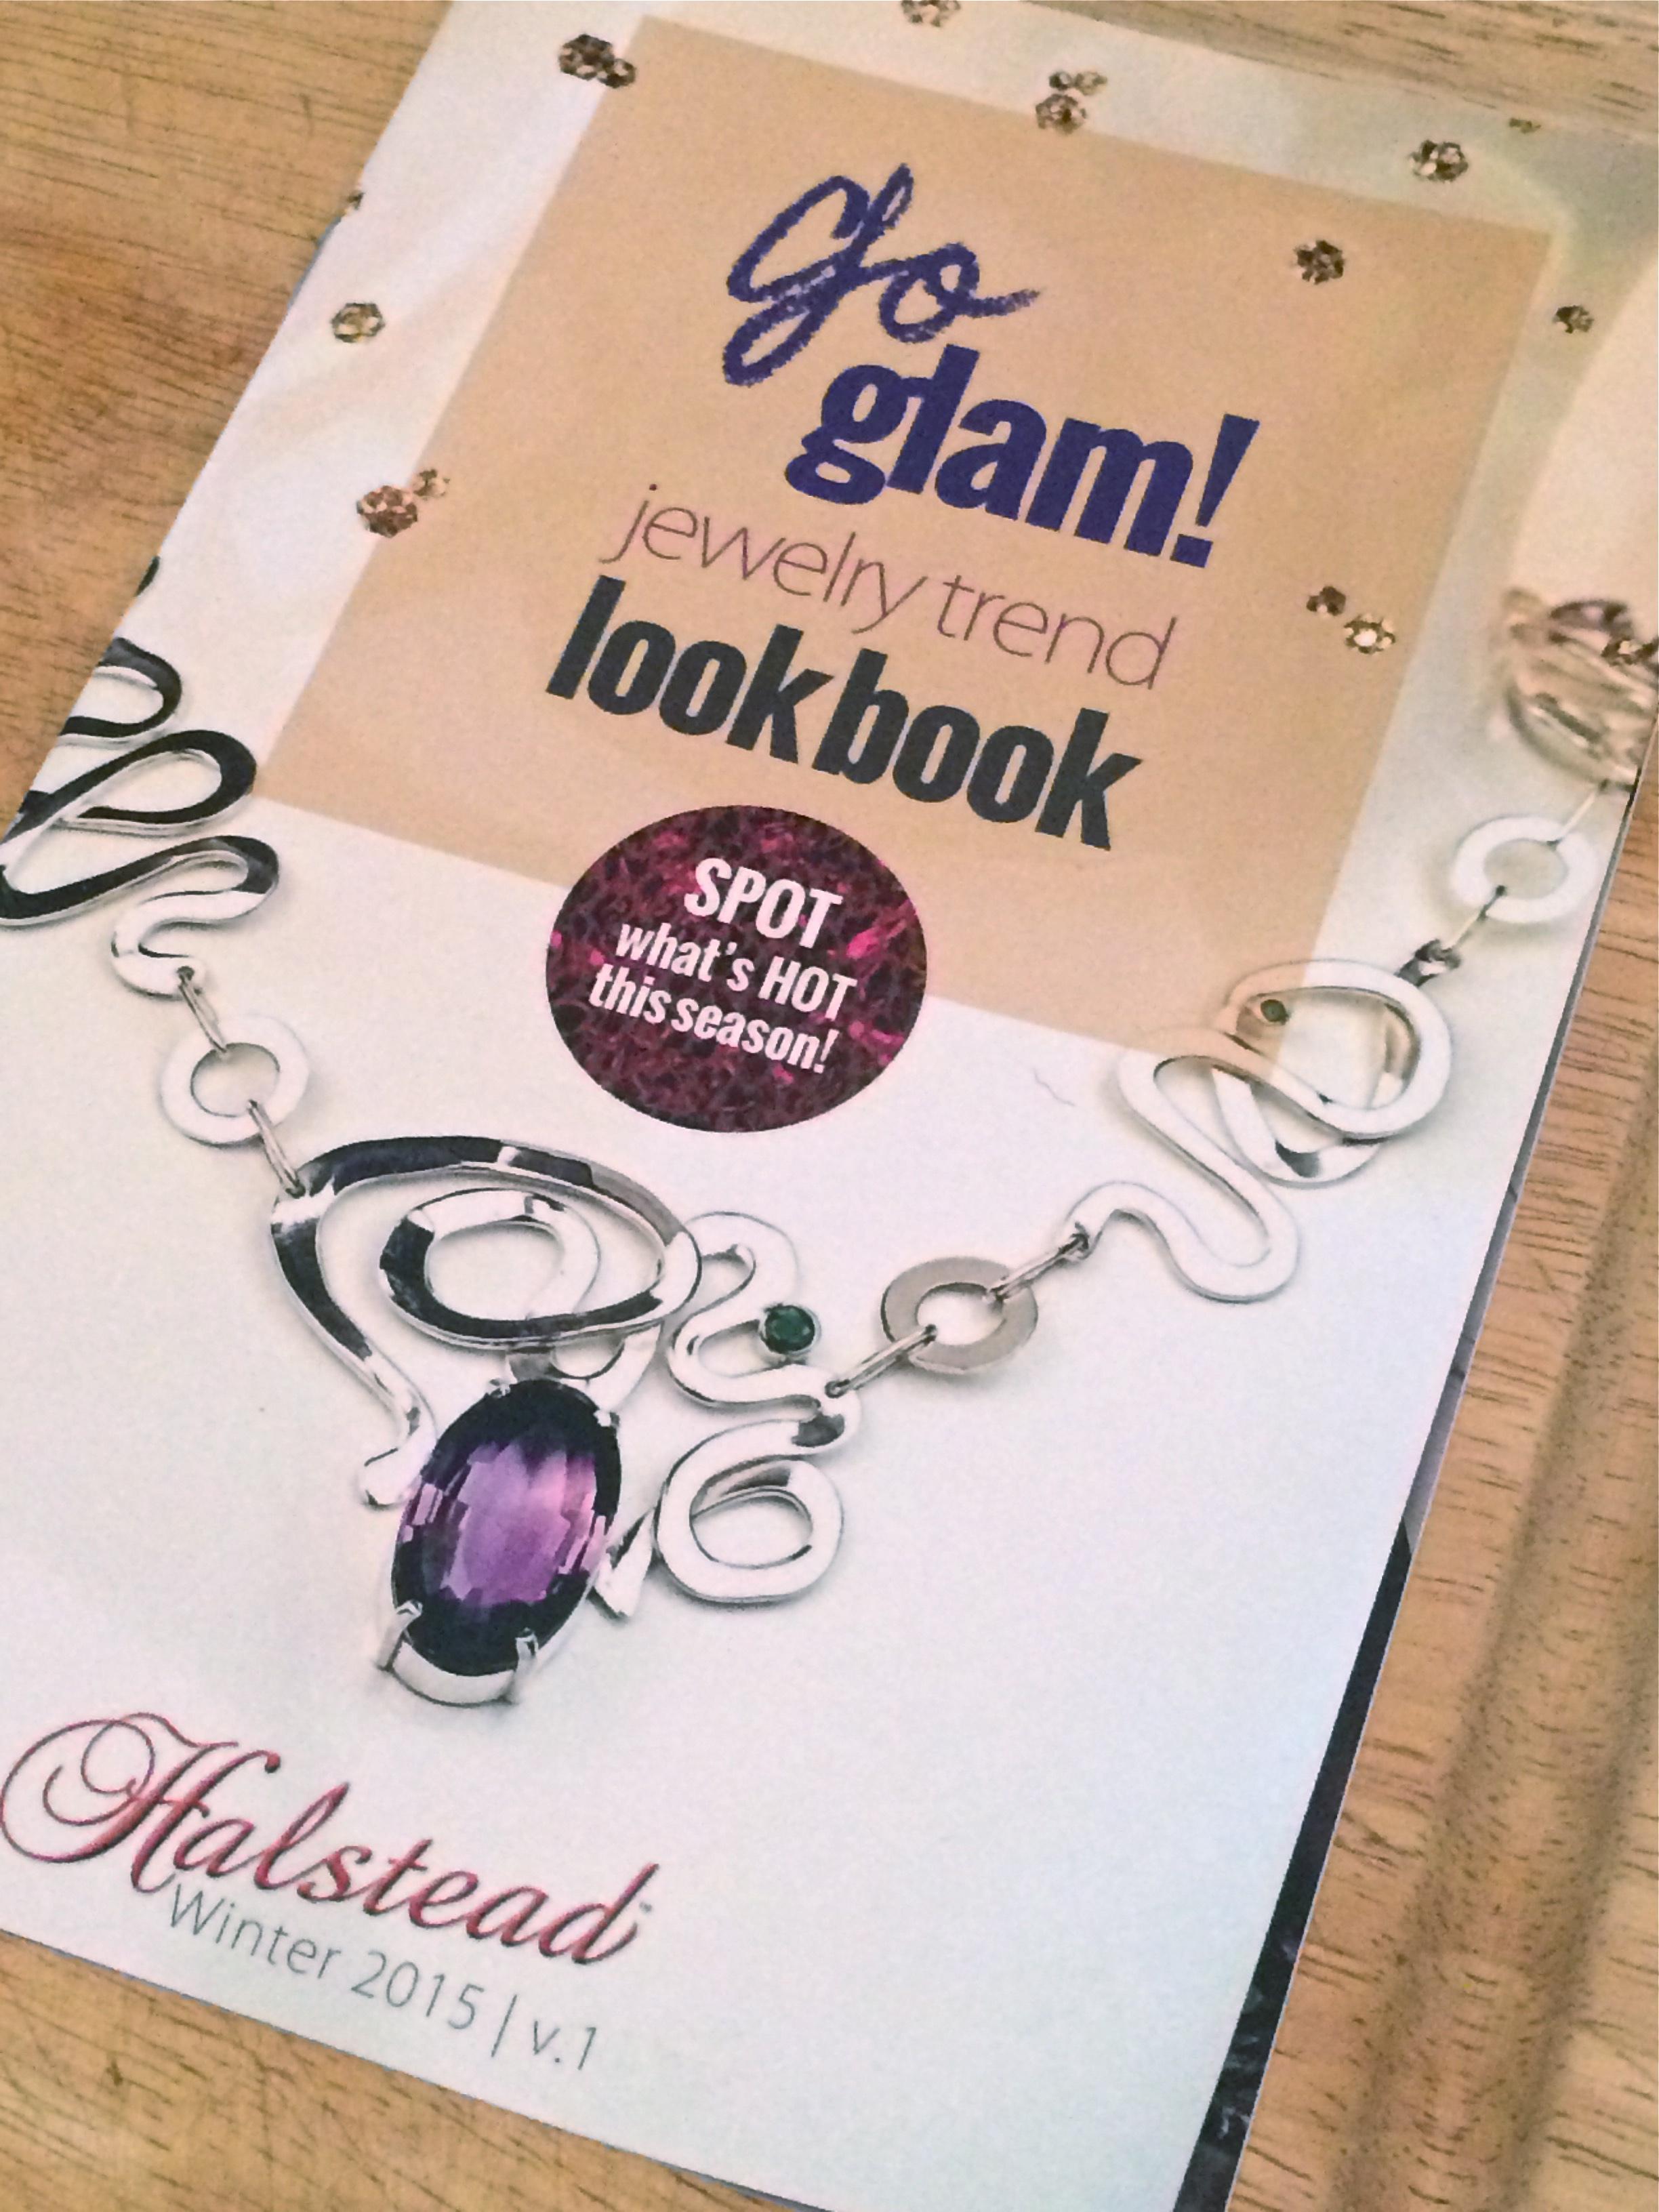 Halstead JewelryTrend Winter 2015 Lookbook